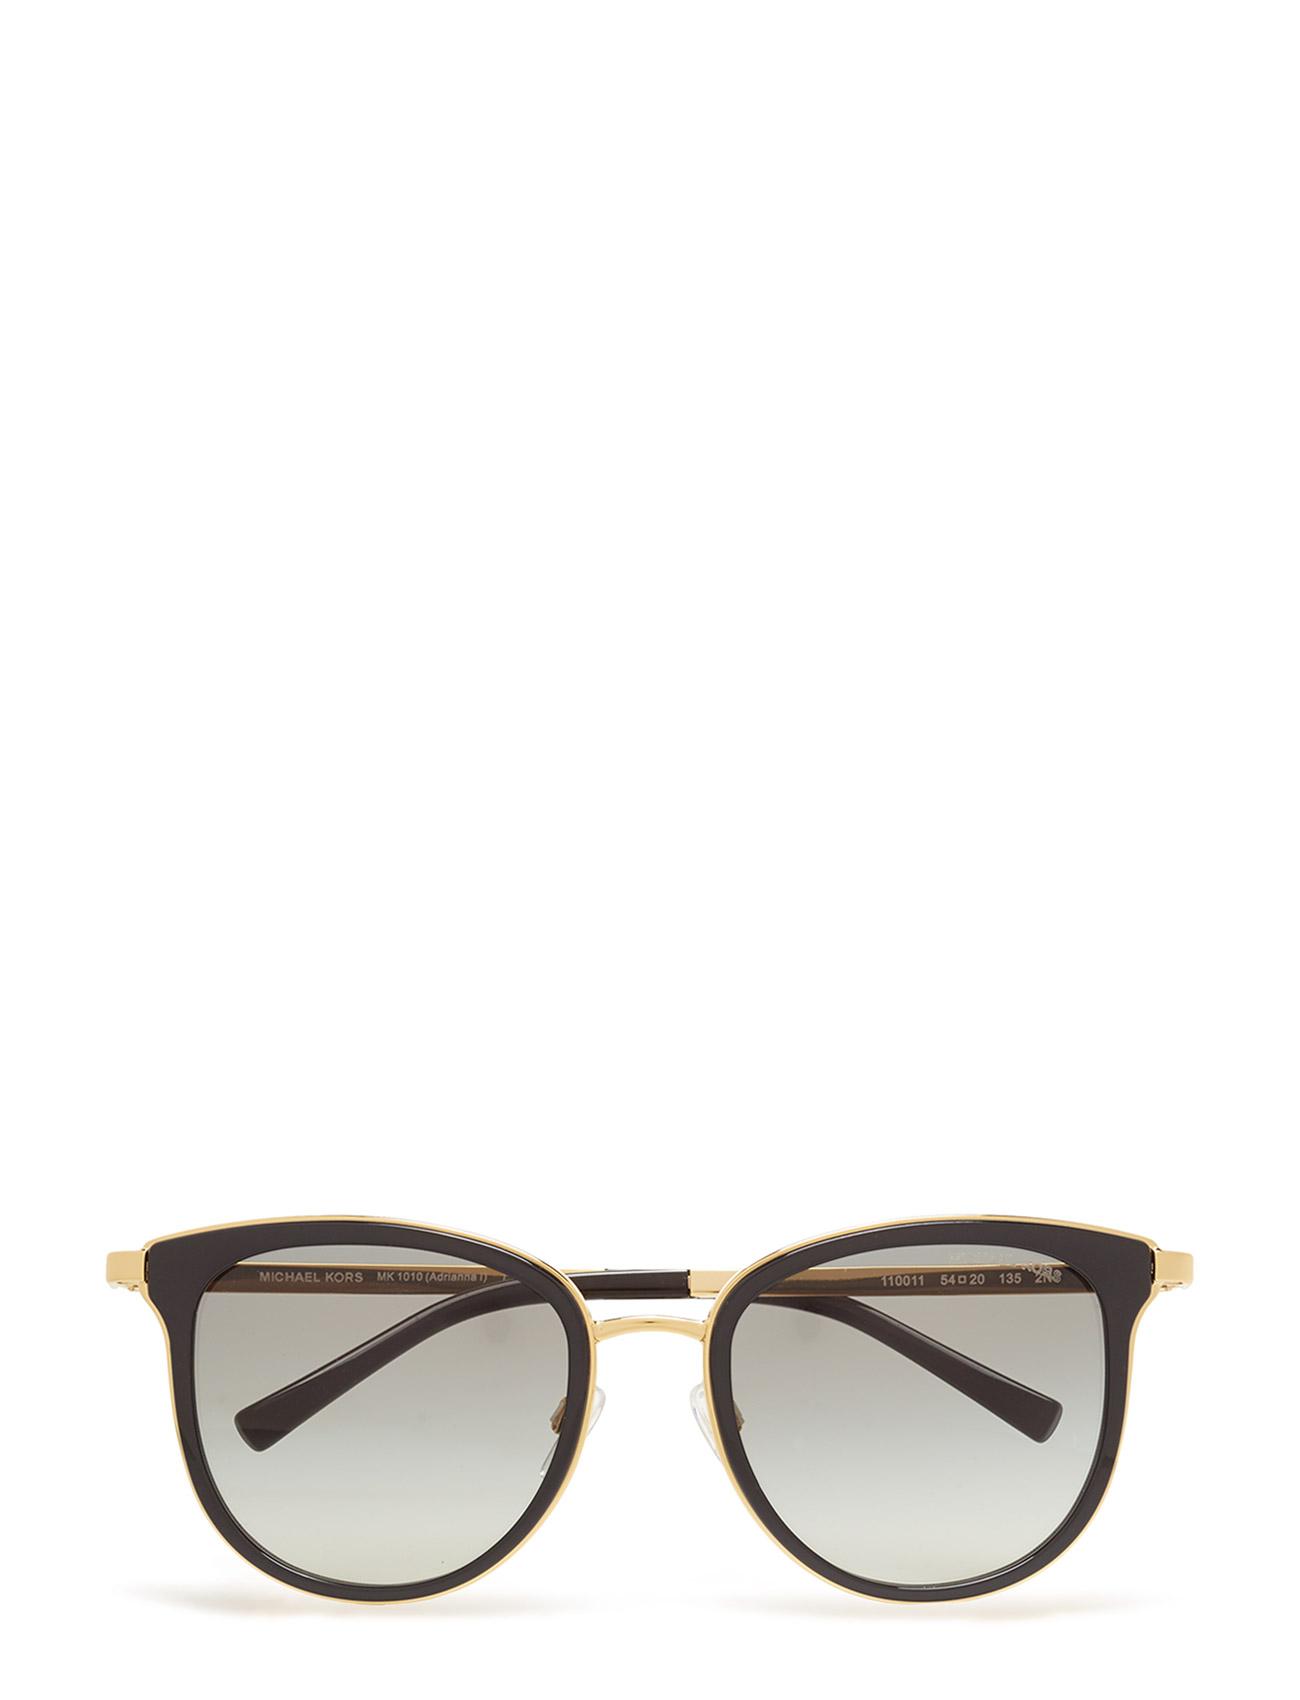 Adrianna I Michael Kors Sunglasses Solbriller til Kvinder i Sort